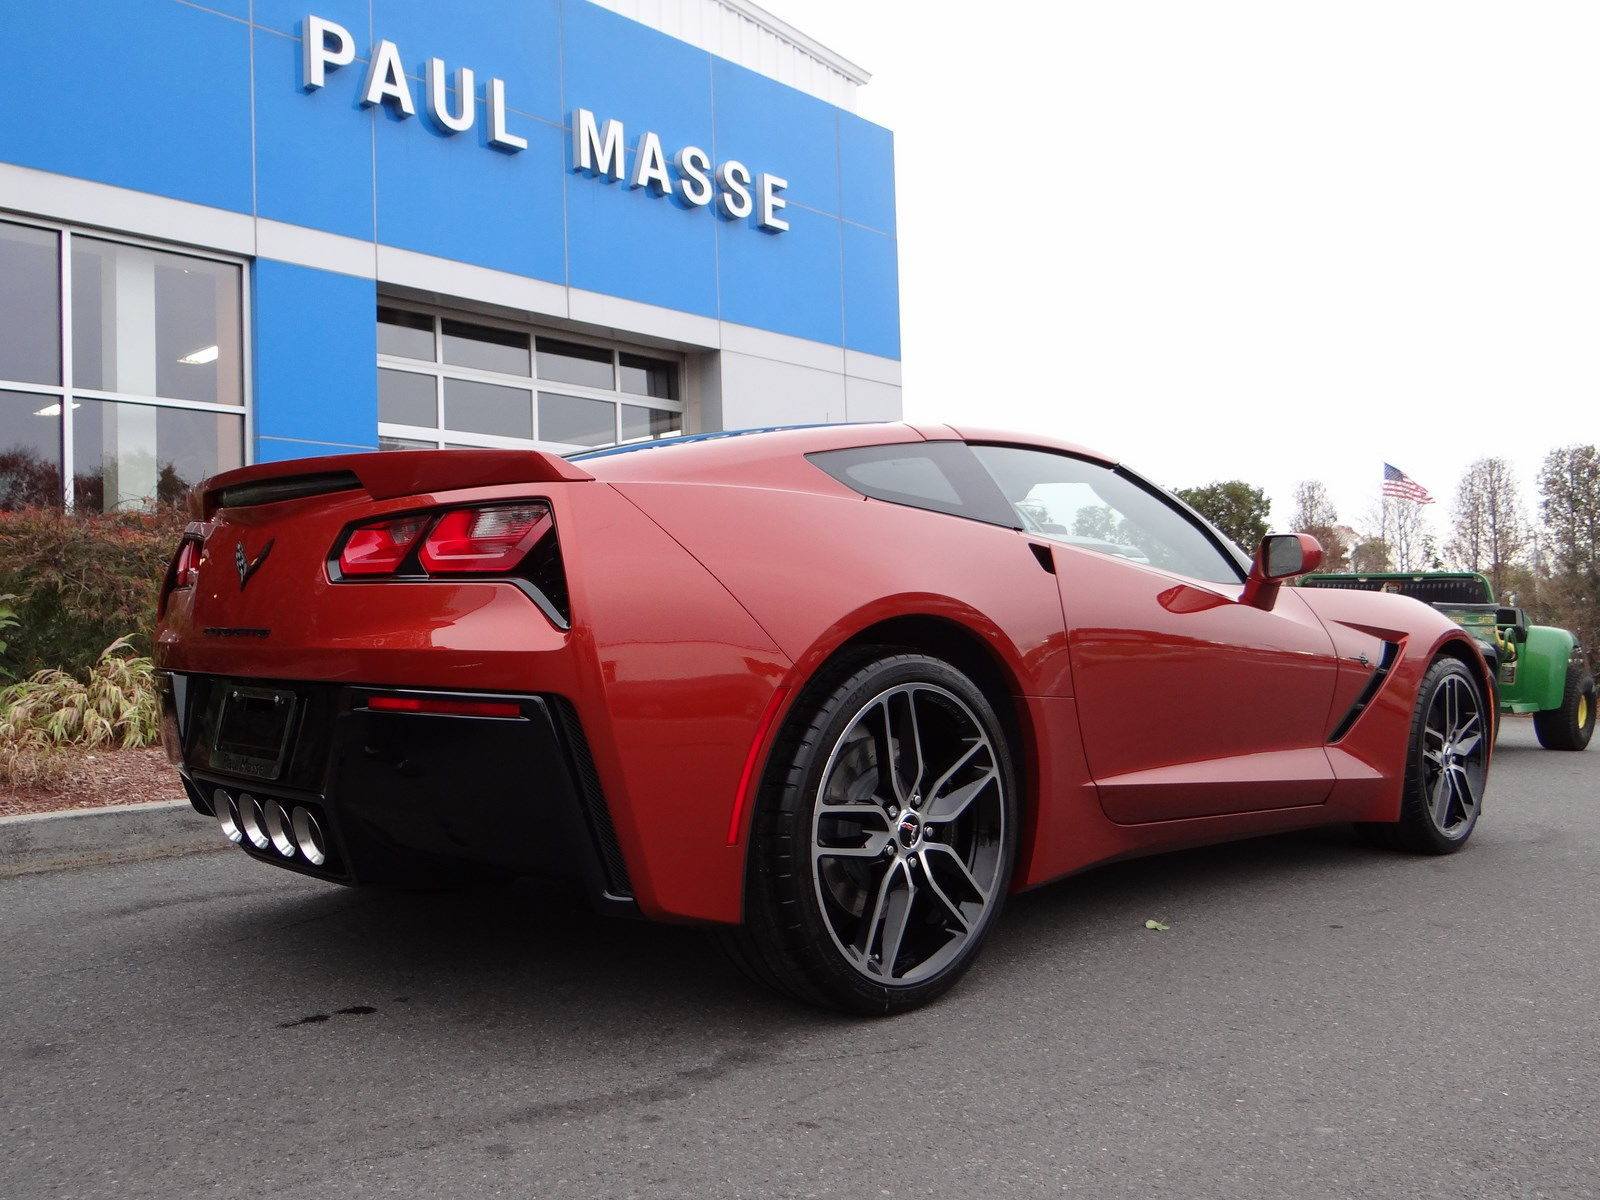 Paul Masse Chevrolet >> Paul Masse Chevy - CorvetteForum - Chevrolet Corvette ...